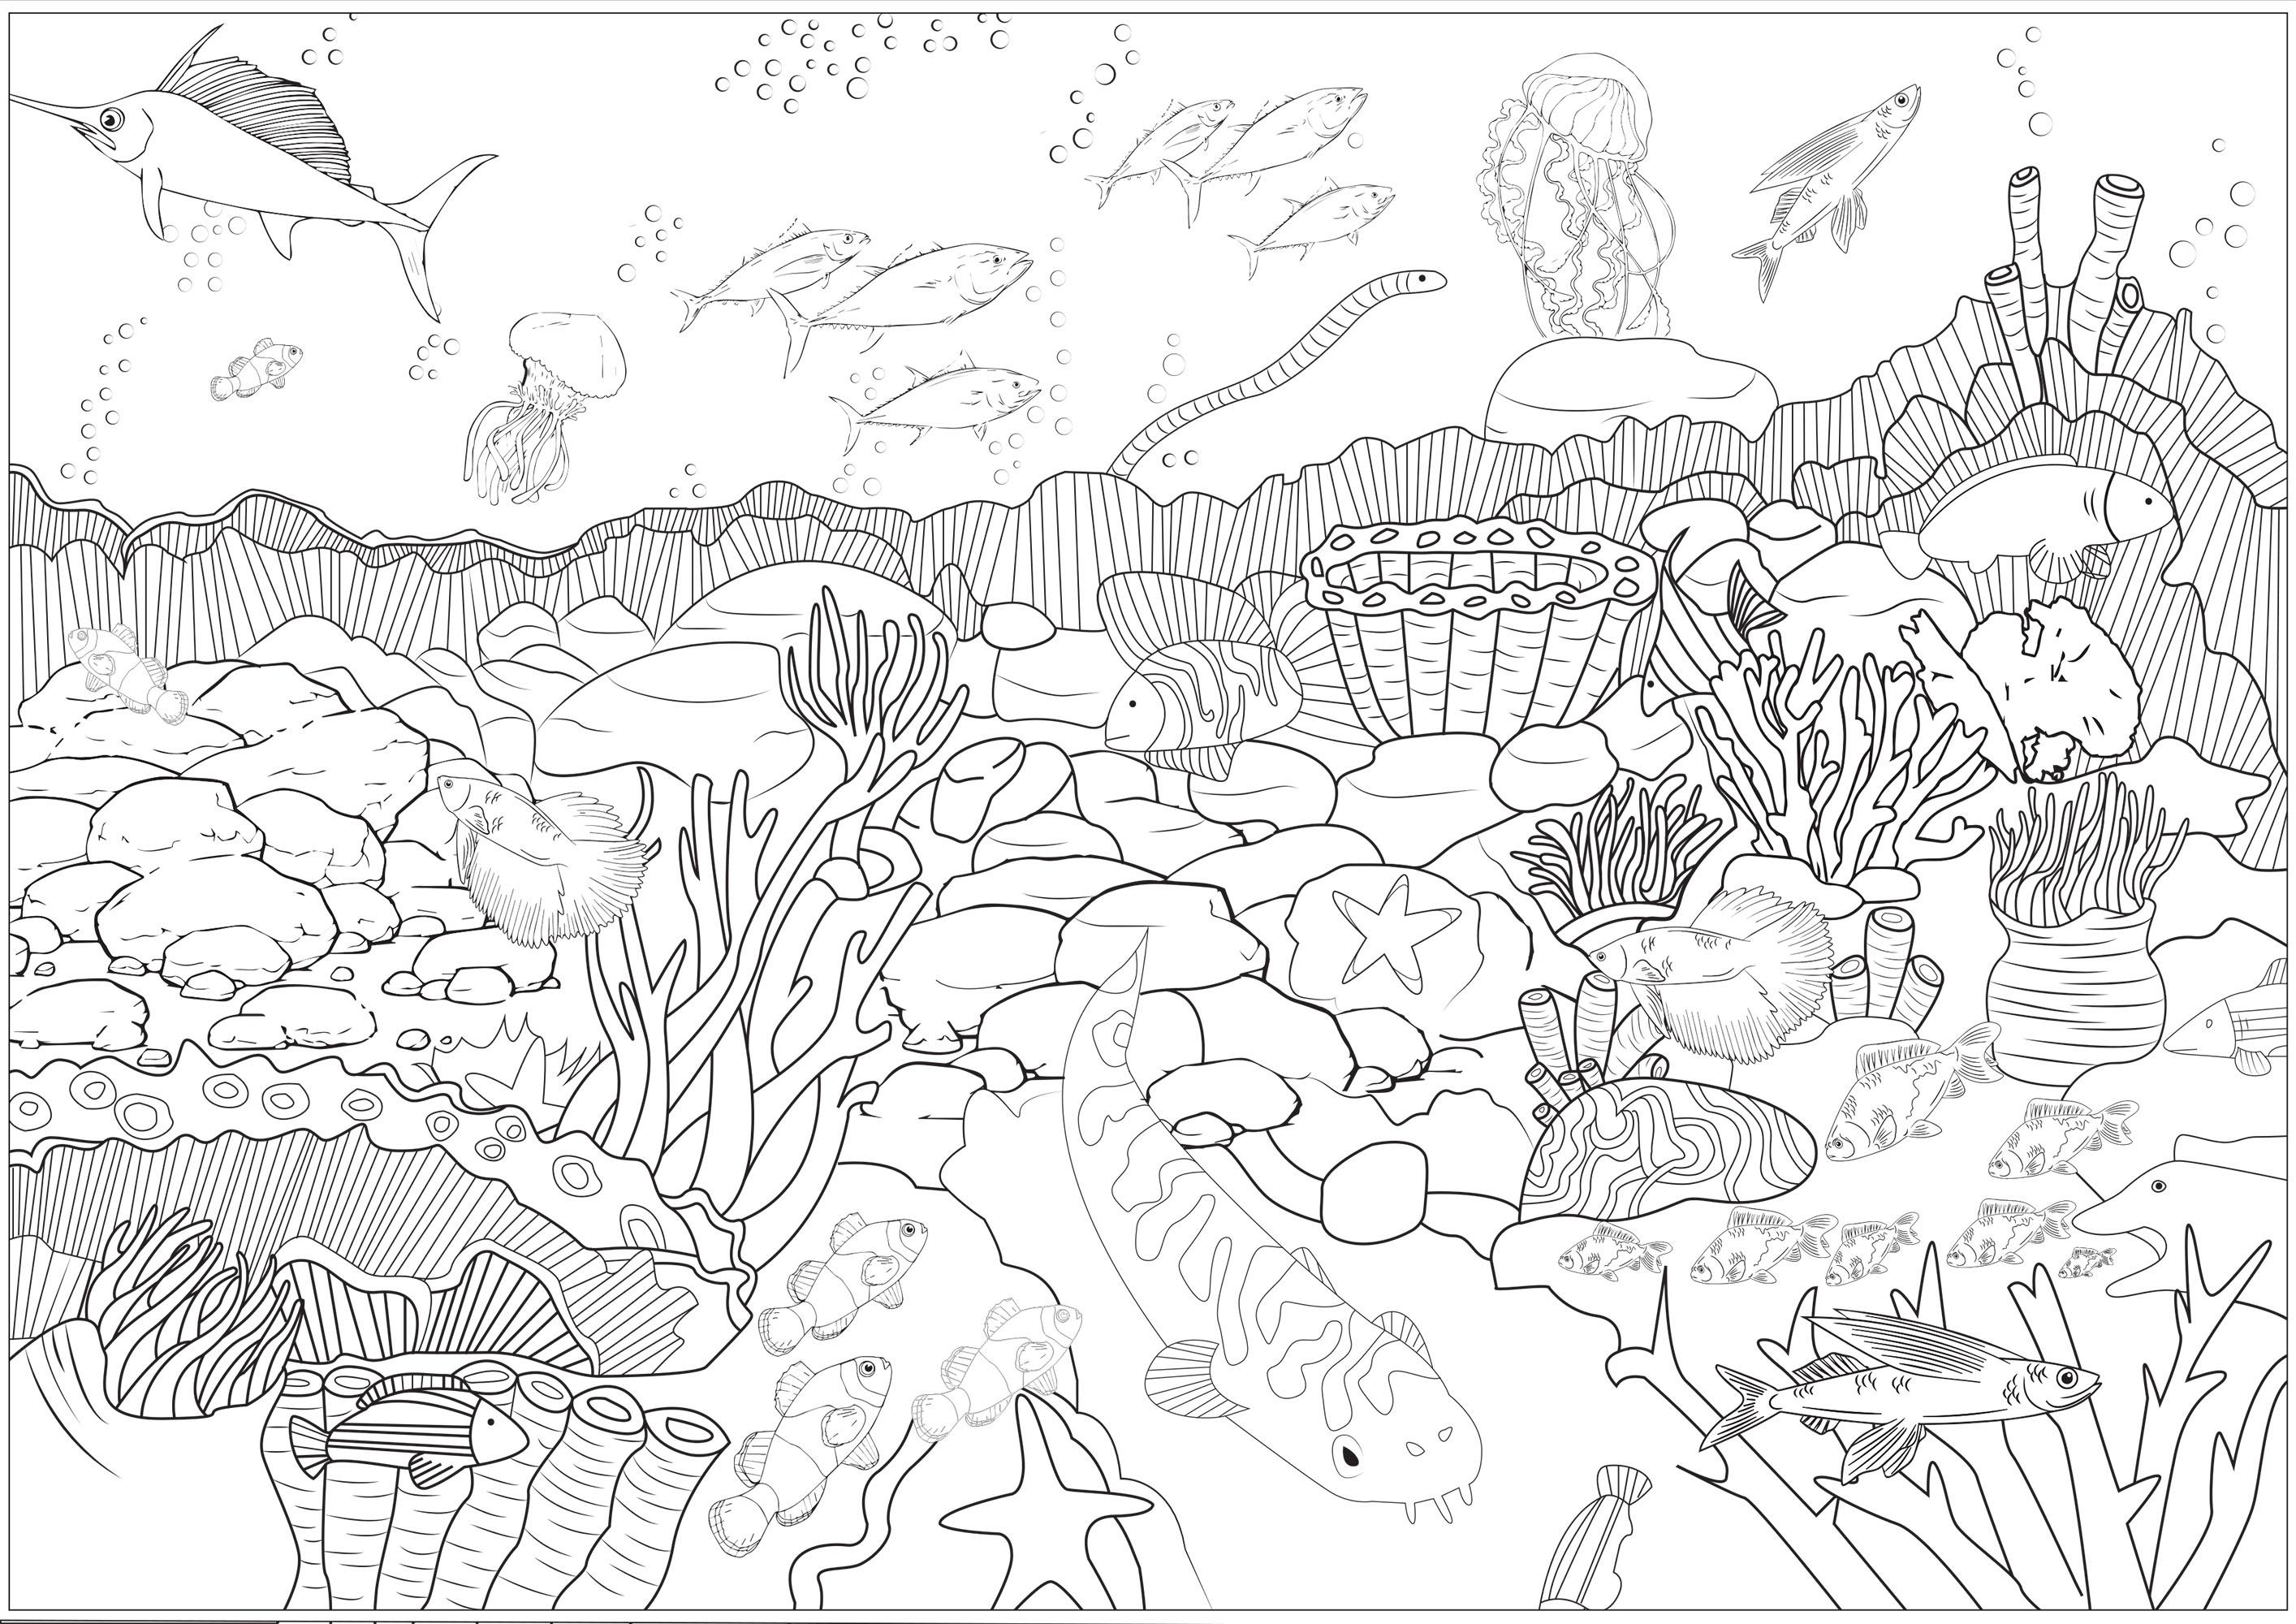 Colorear para Adultos : Mundos acuáticos - 1